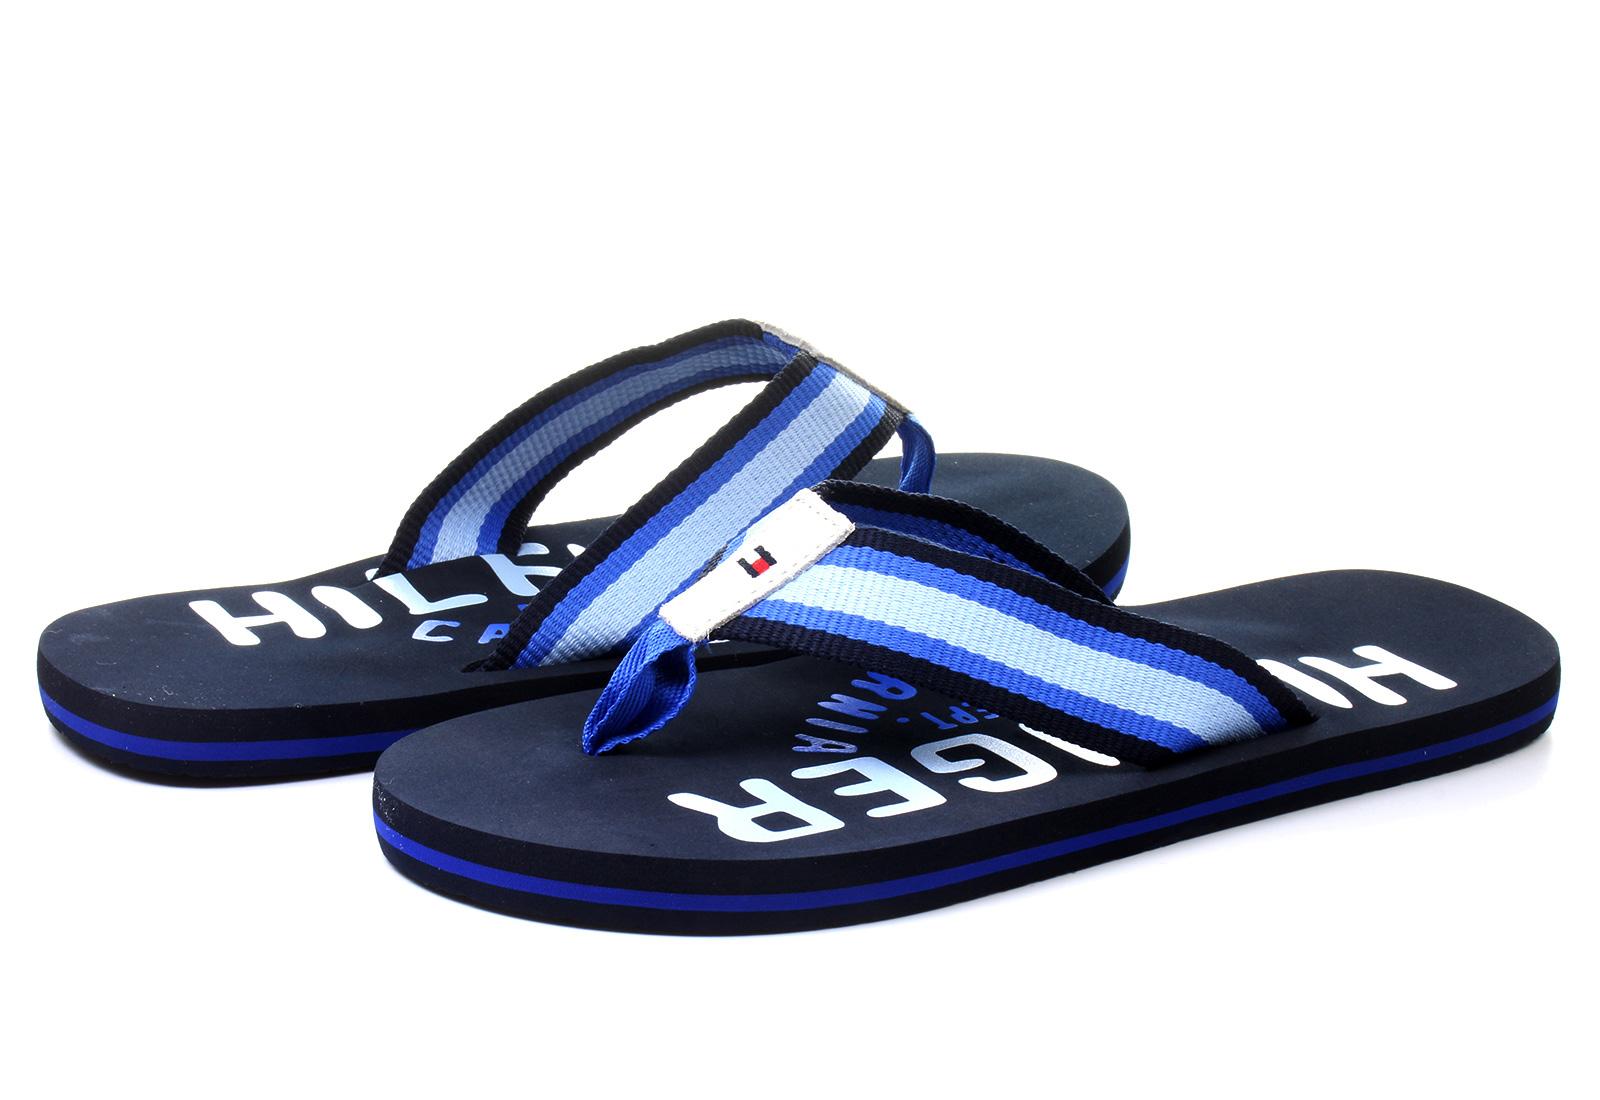 Tommy Hilfiger Papucs - Bay 11d - 14S-6909-466 - Office Shoes ... 28a7bb003d